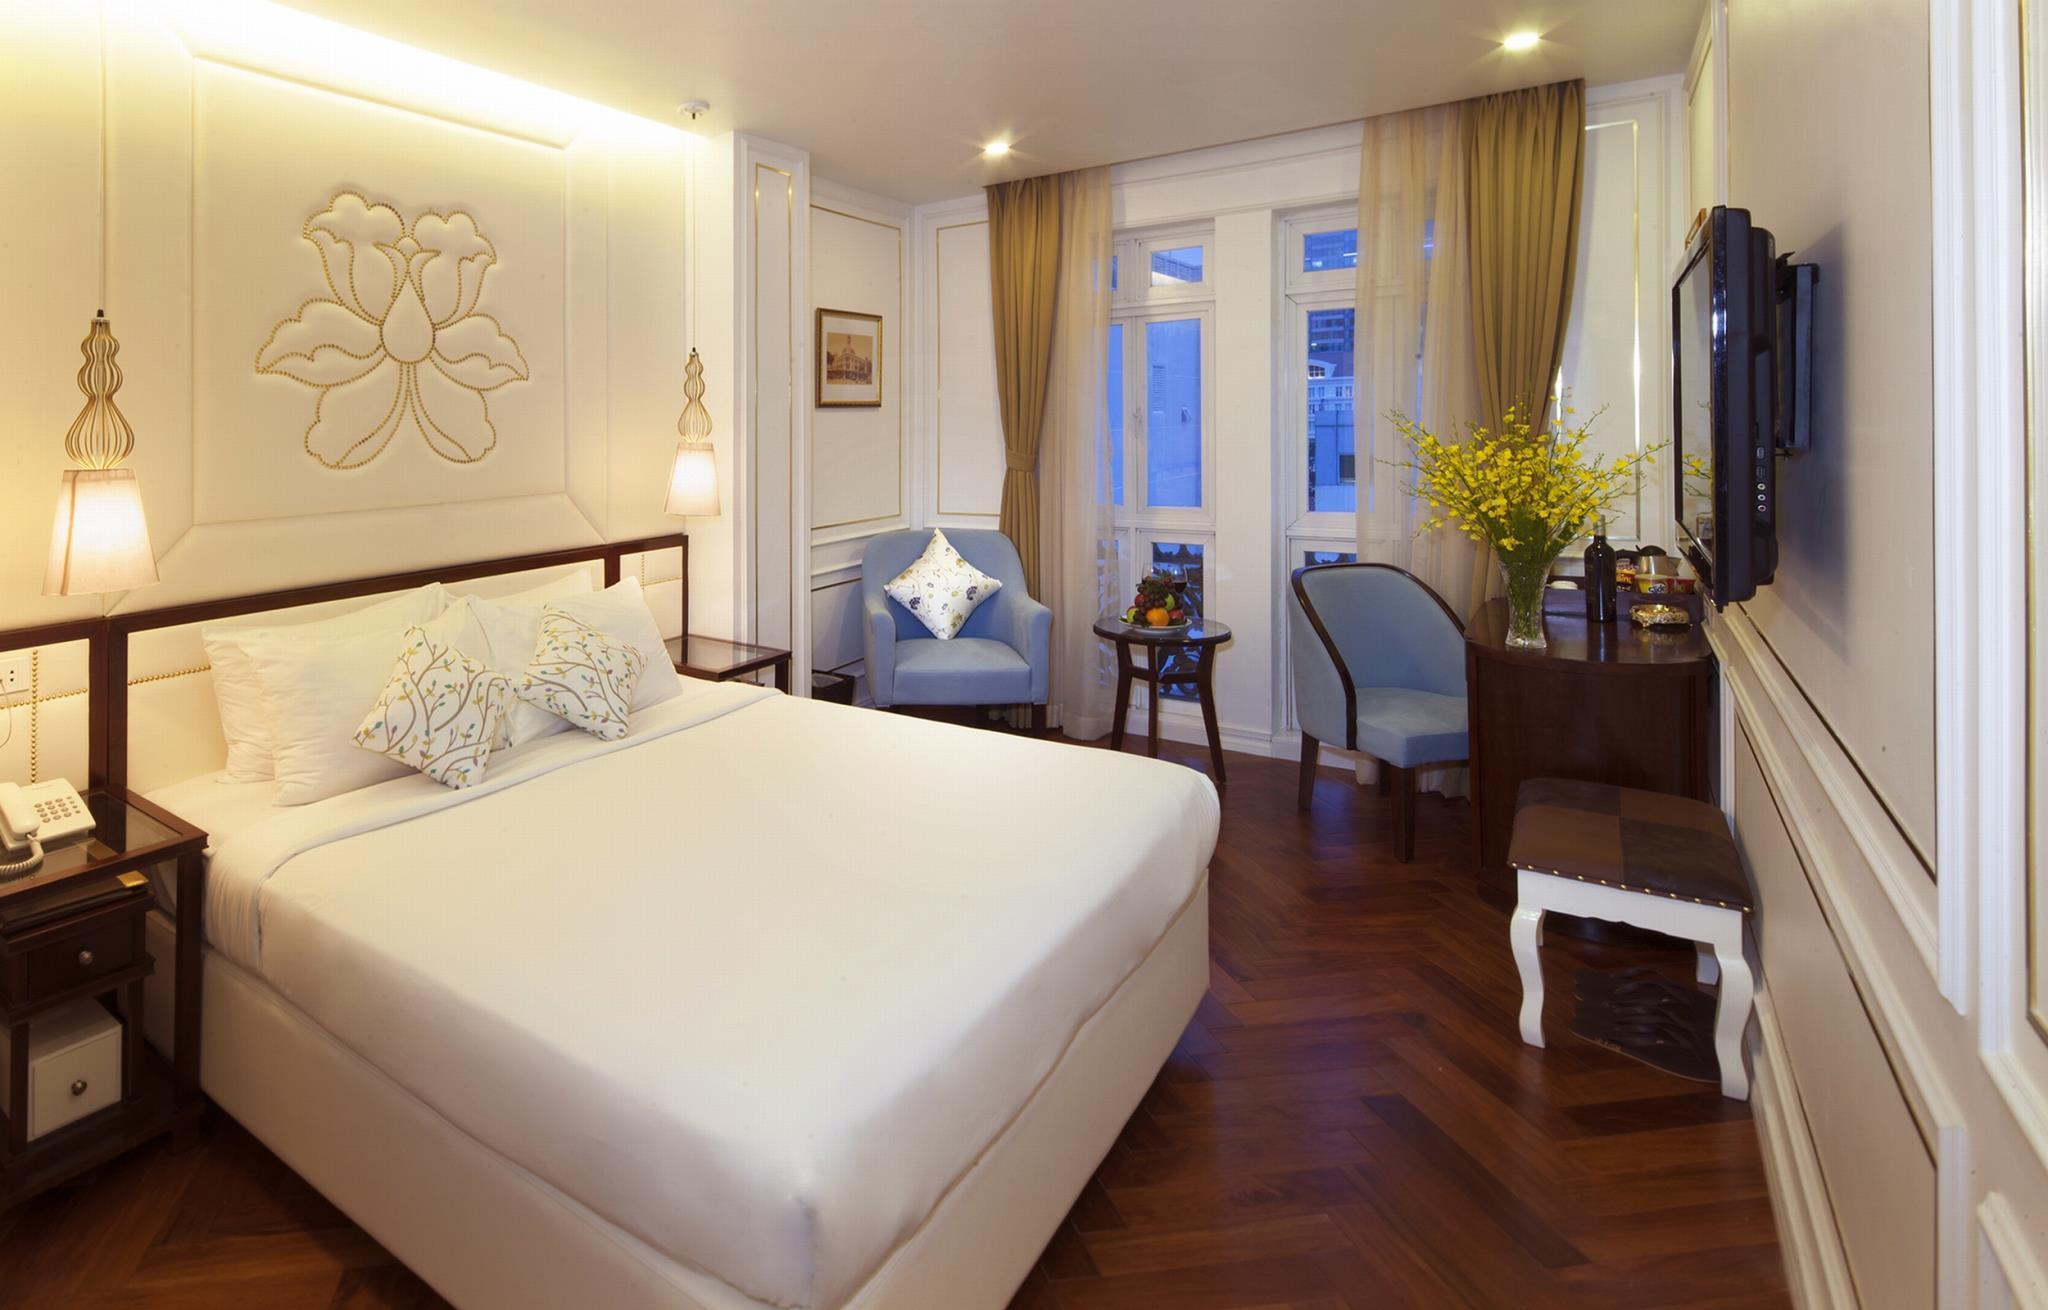 Camelia Saigon Central Hotel In Ho Chi Minh City Room Deals